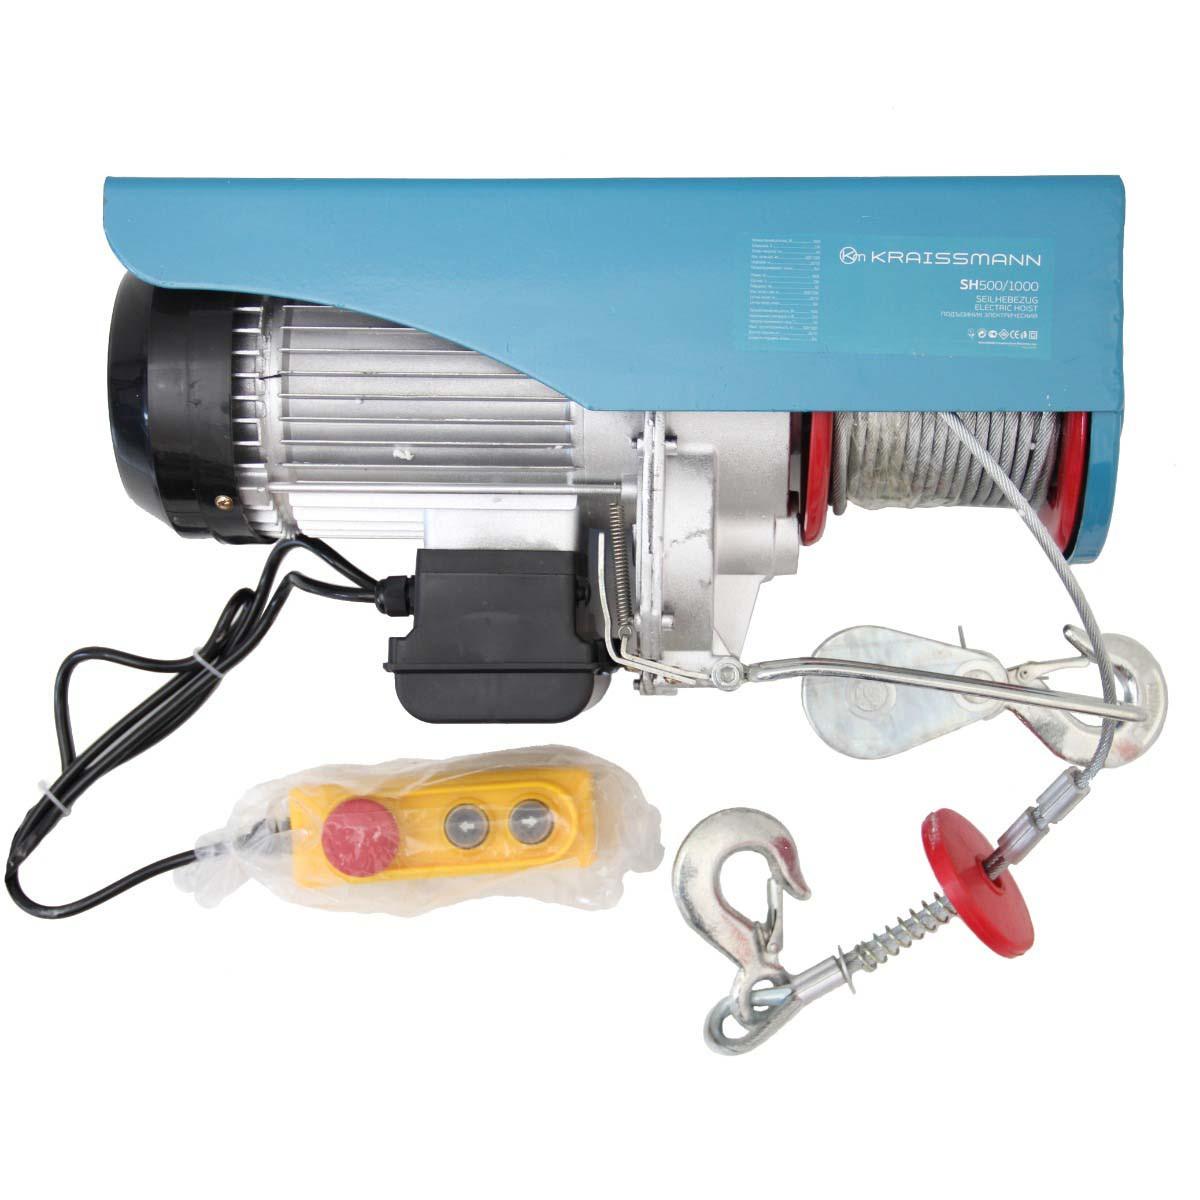 Підйомник електричний Kraissmann SH500/1000